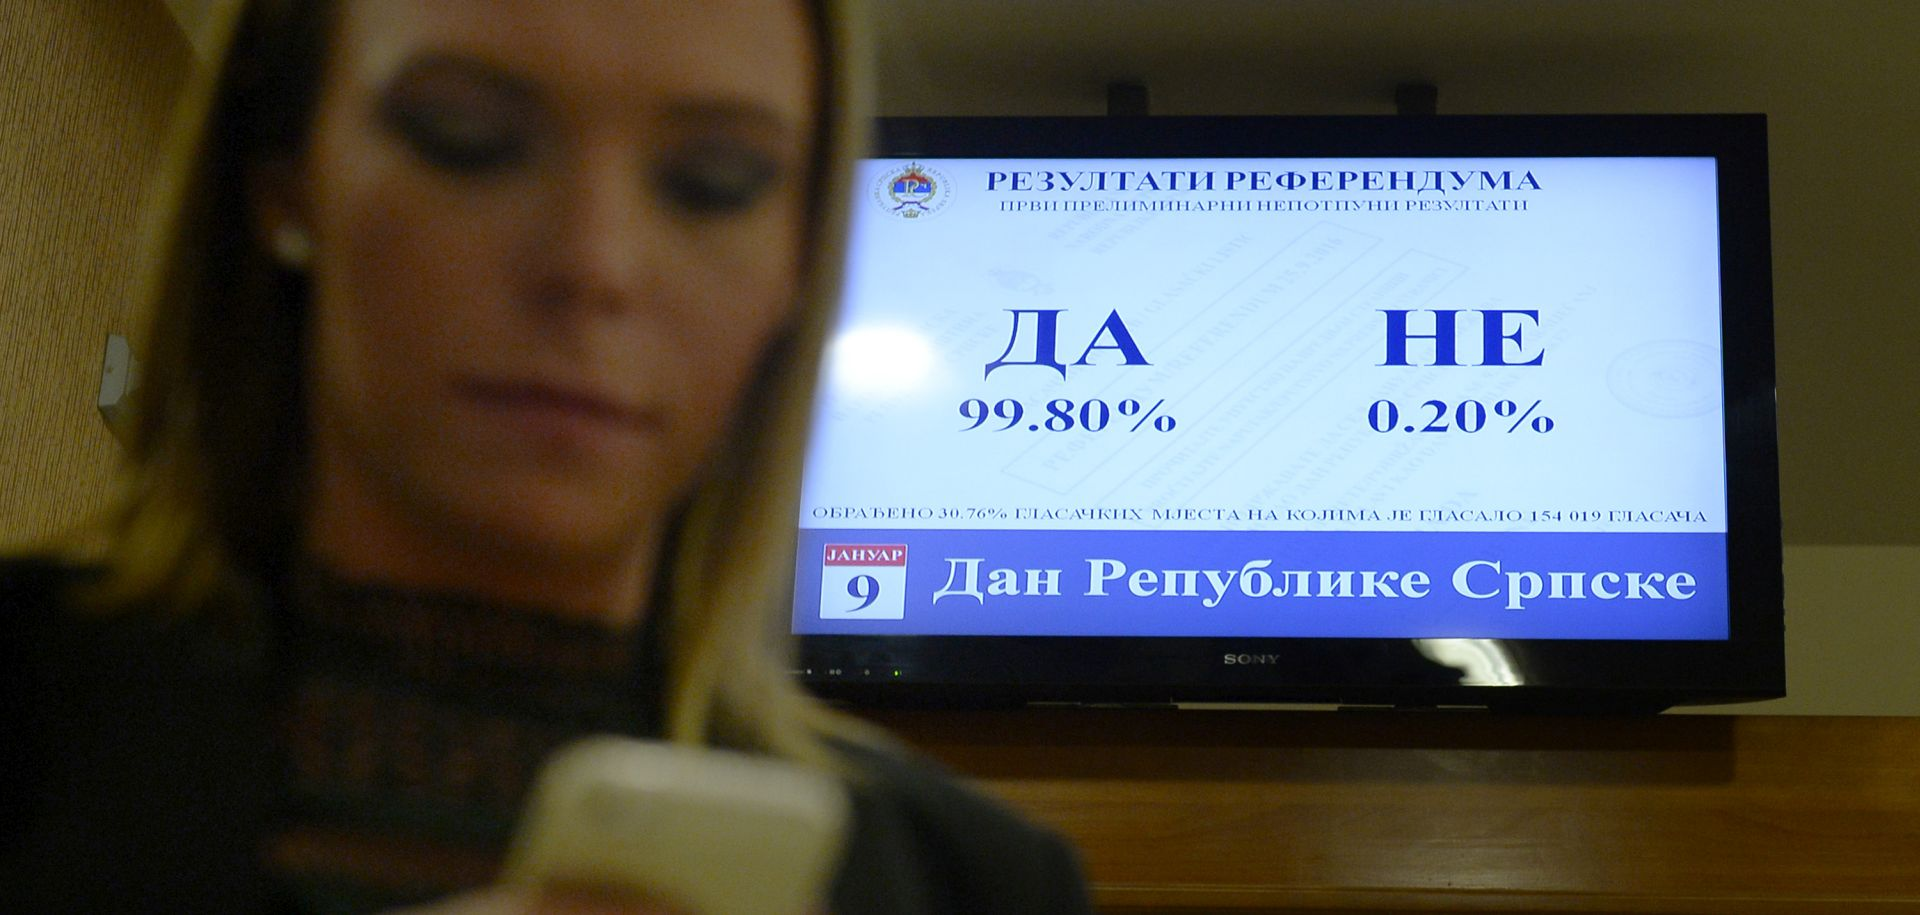 Tužiteljstvo BiH otvorilo istragu o neustavnom referendumu u RS